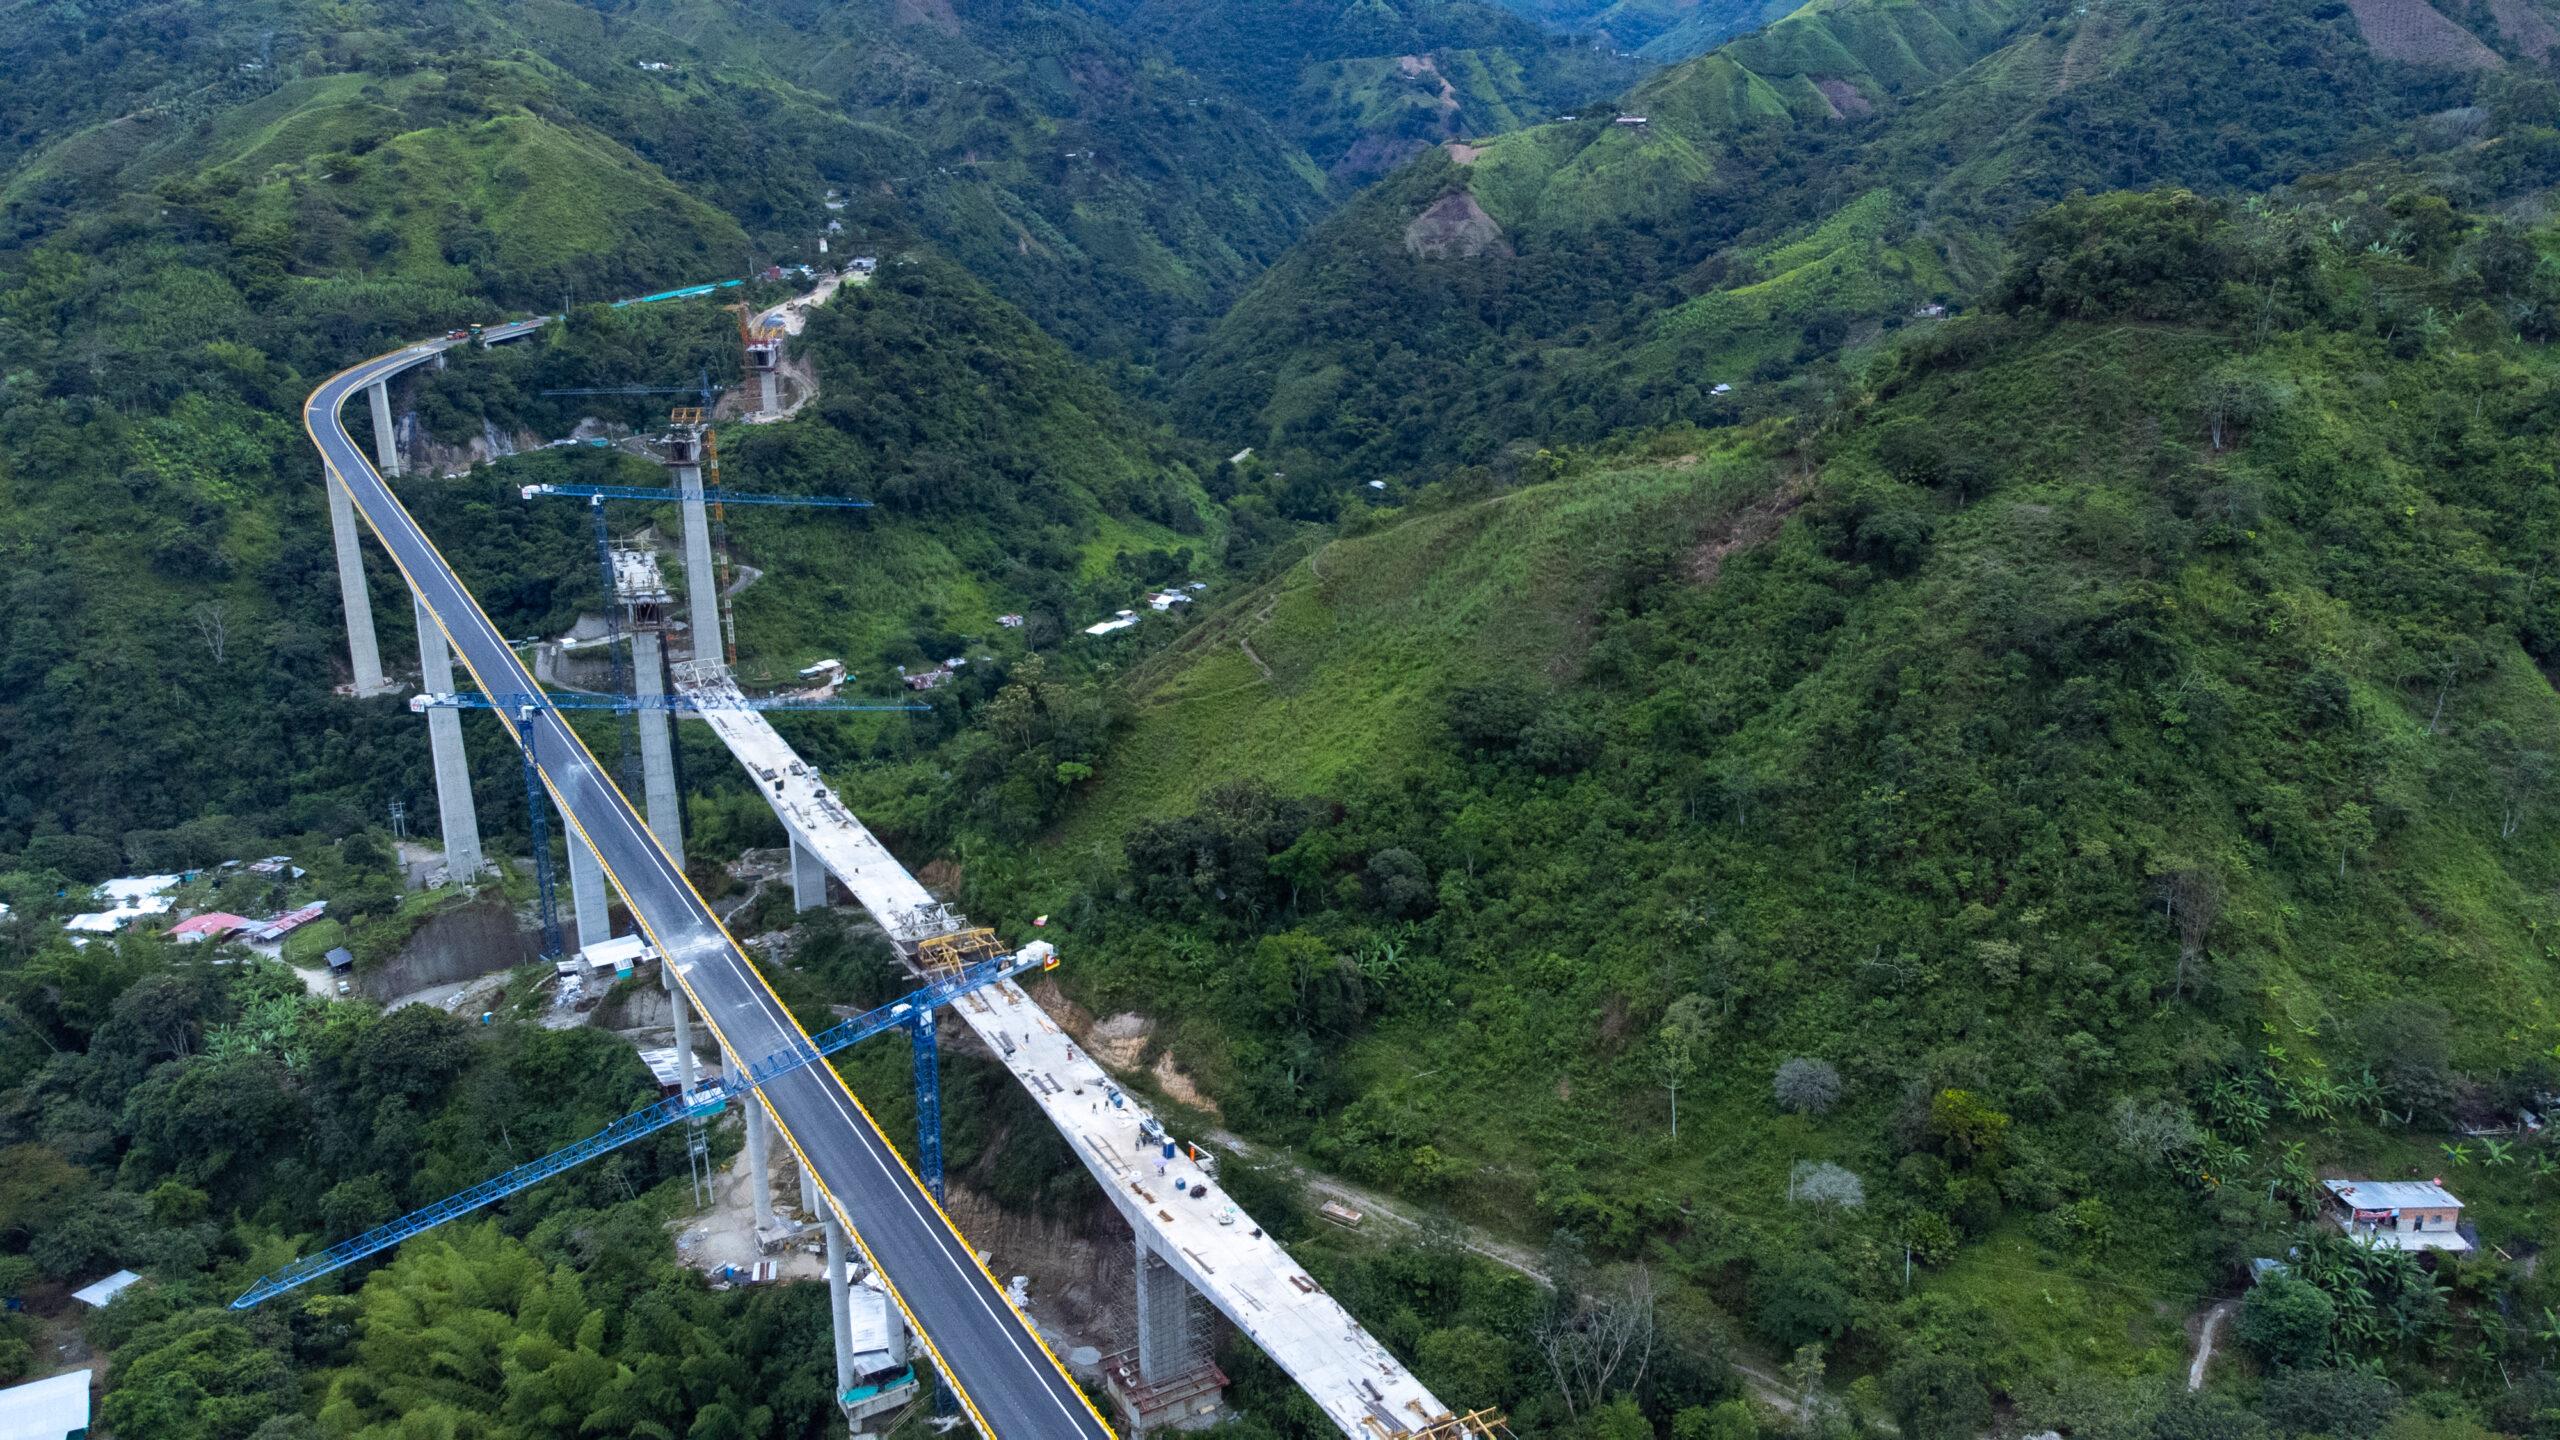 21 Viaductos en 15 kilómetros tiene el primer tramo de la nueva vía Ibagué- Cajamarca 8